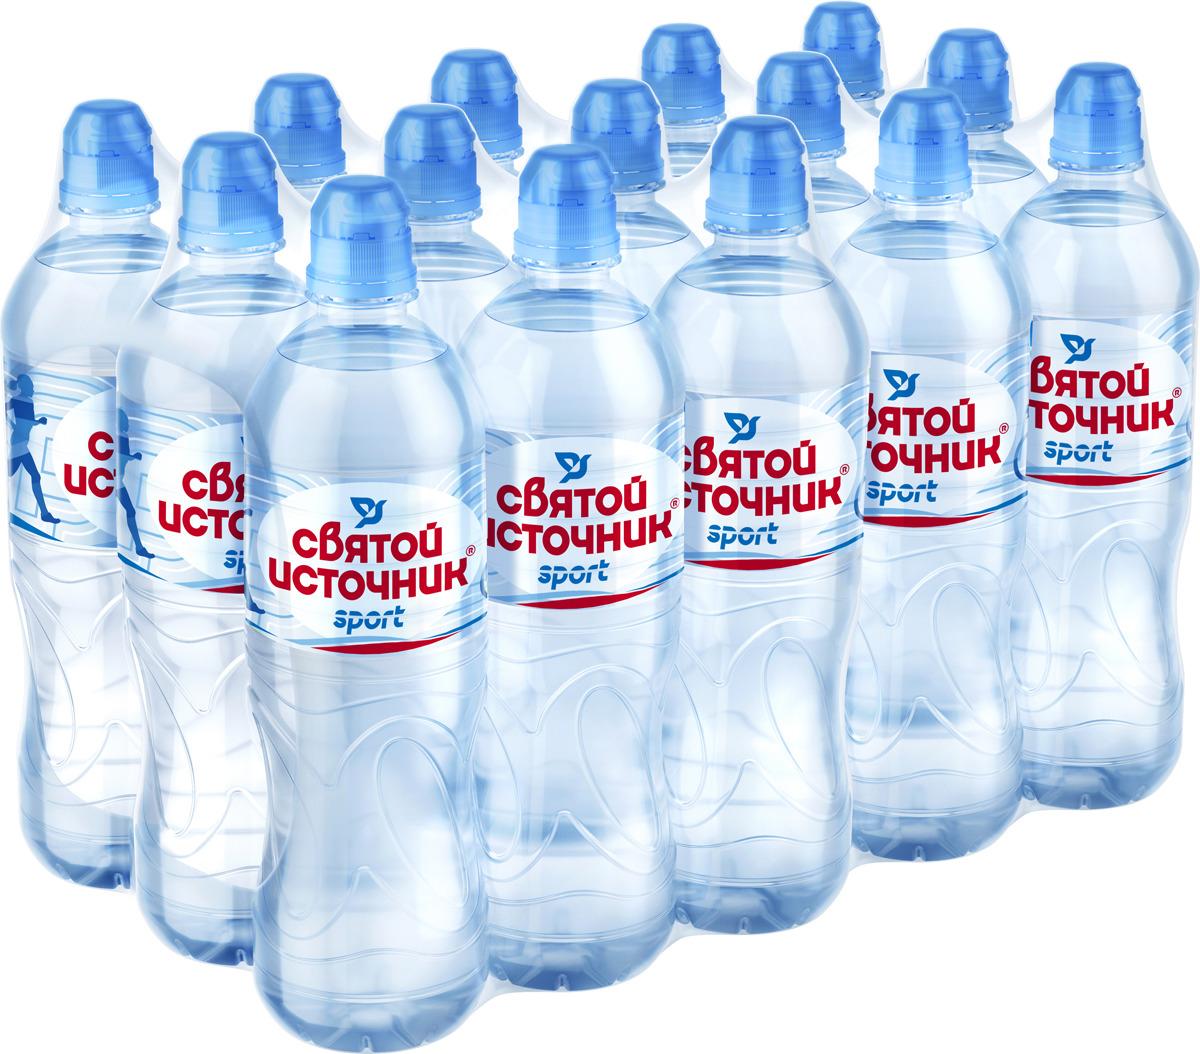 СвятойИсточник вода Спортприродная питьевая негазированная, 15 шт по 0,75 л